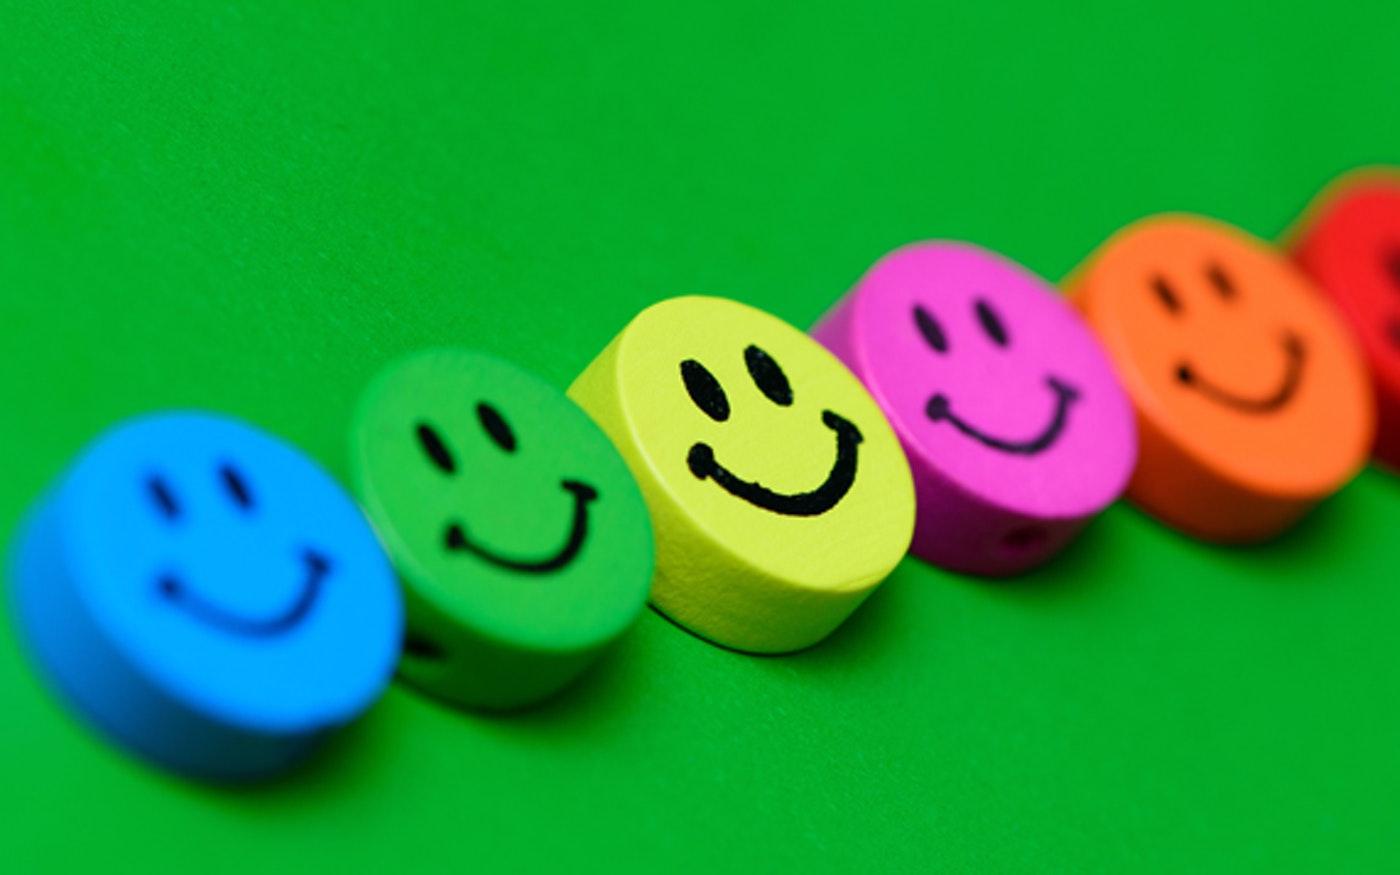 Hình ảnh về hạnh phúc, vui vẻ